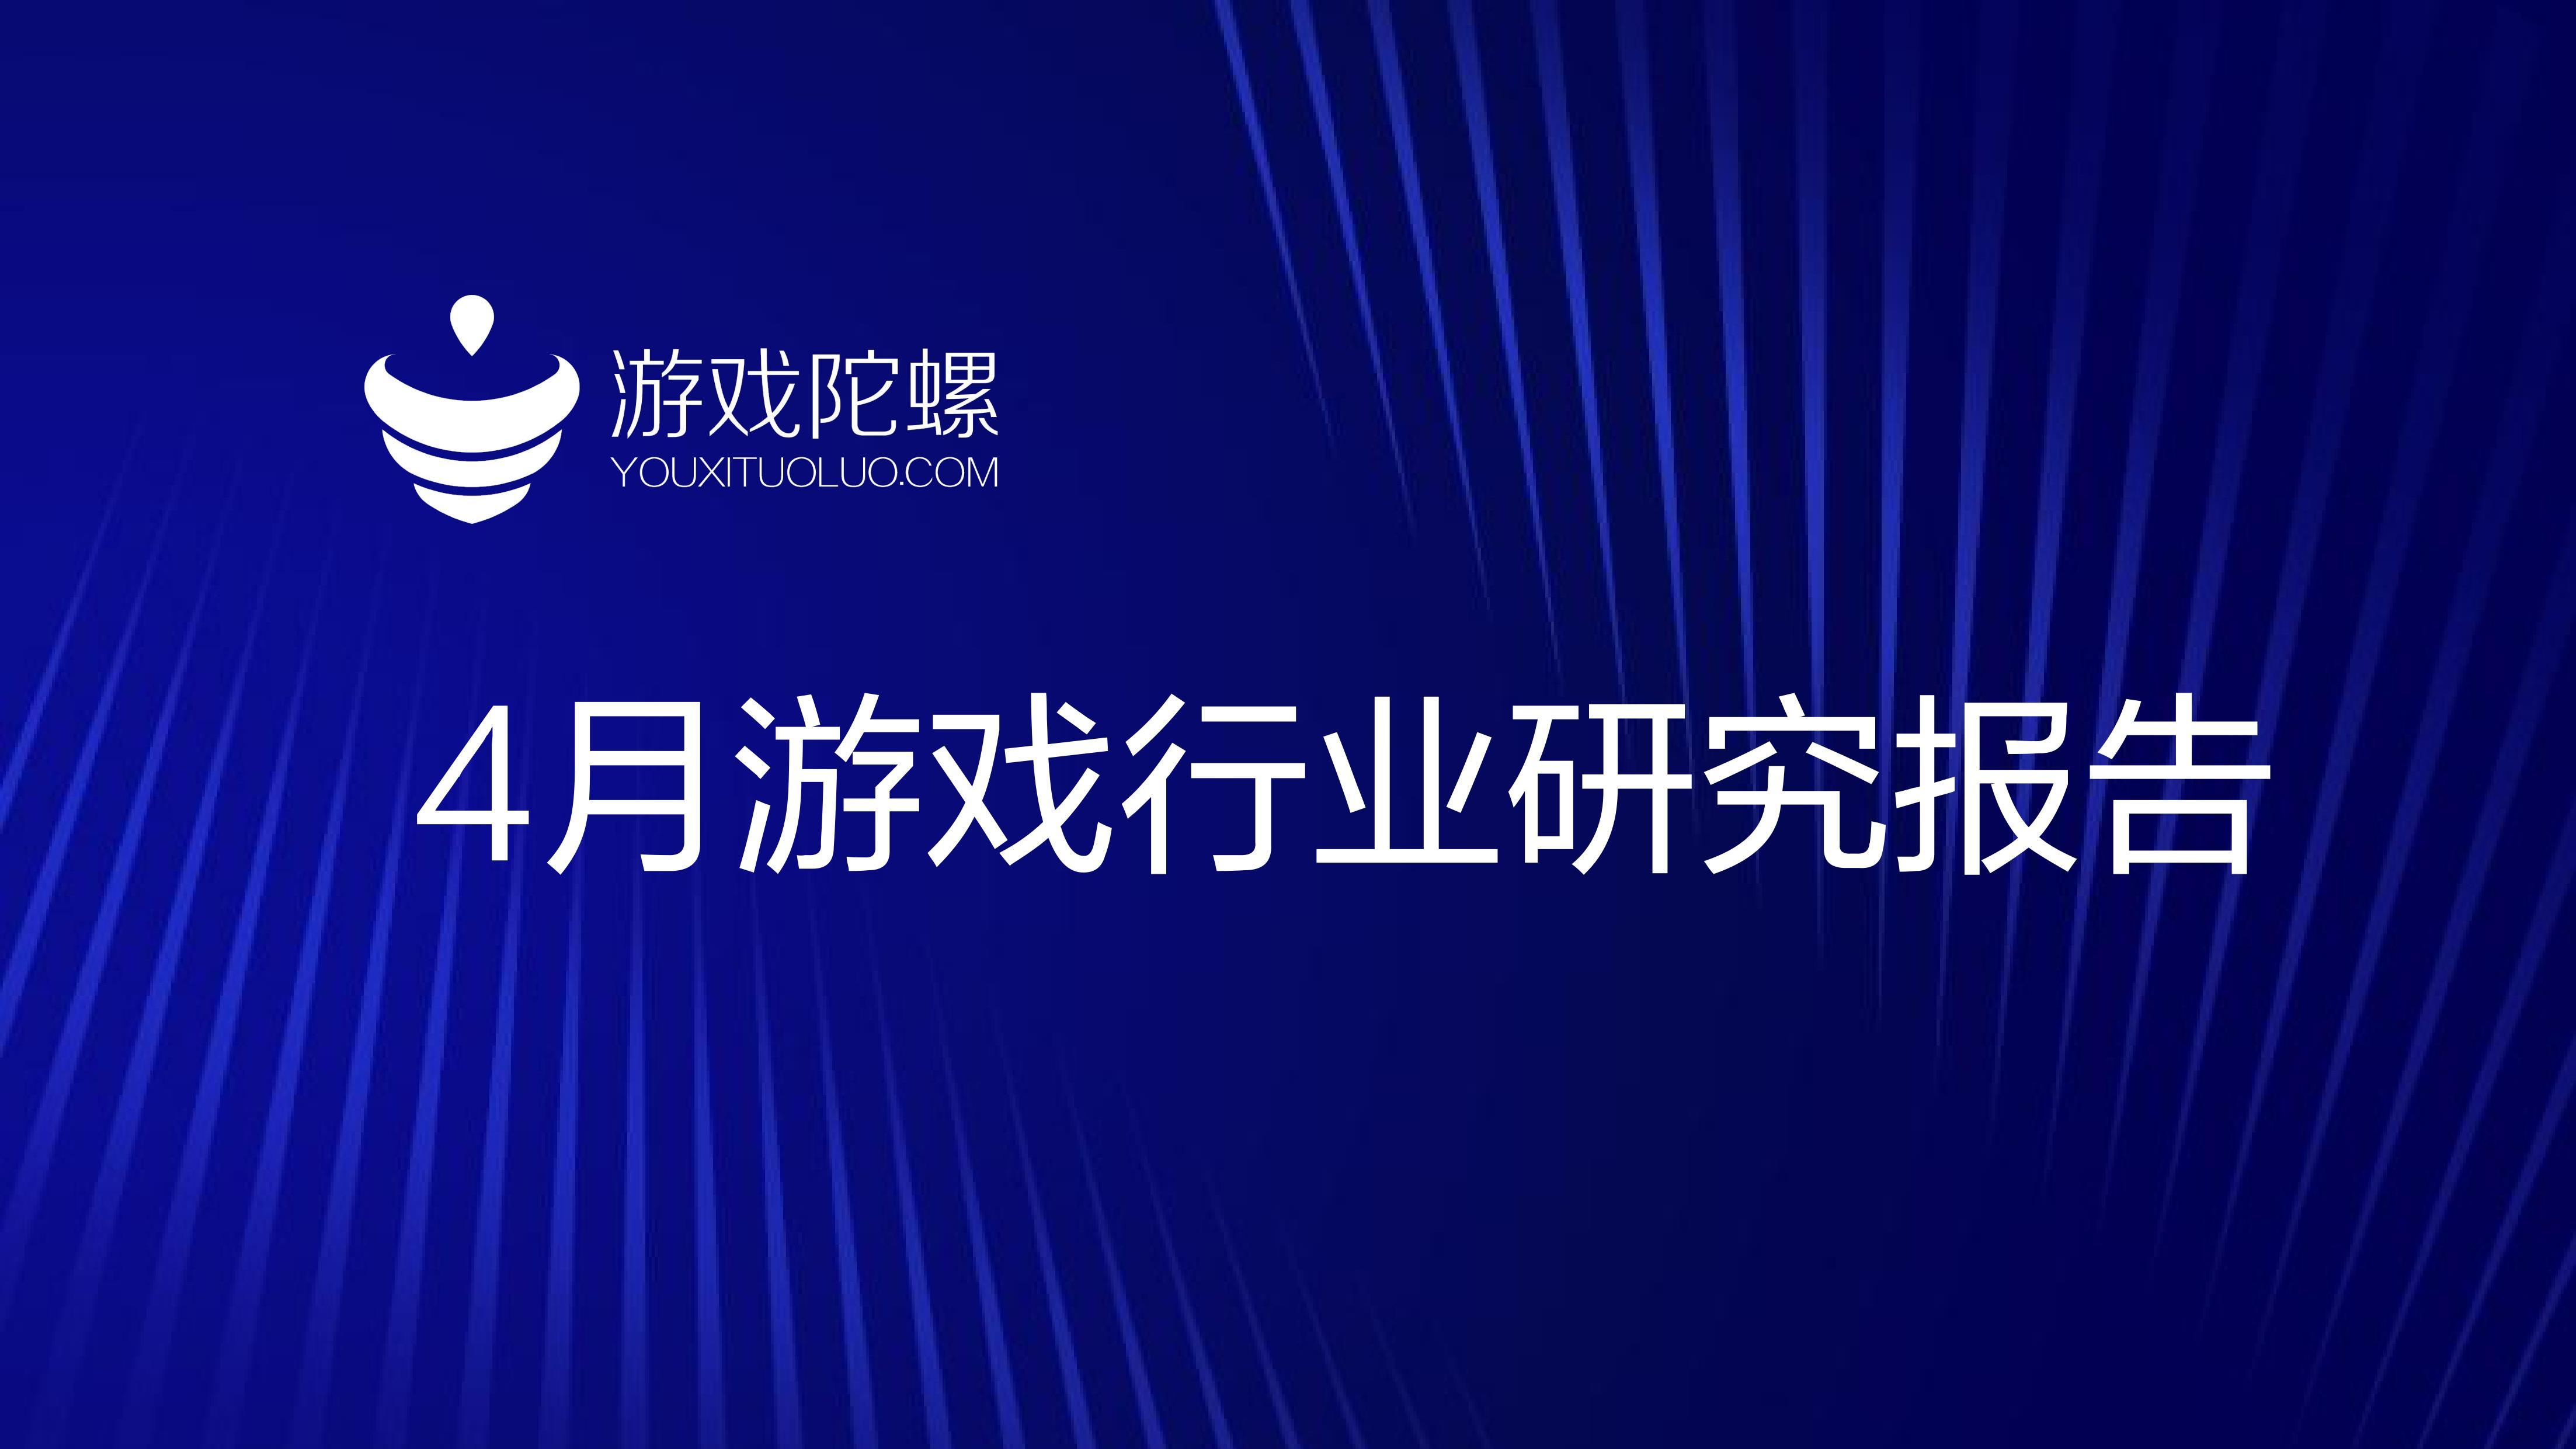 """陀螺内参:4月出台13条行业相关政策,大厂发力""""元宇宙"""""""